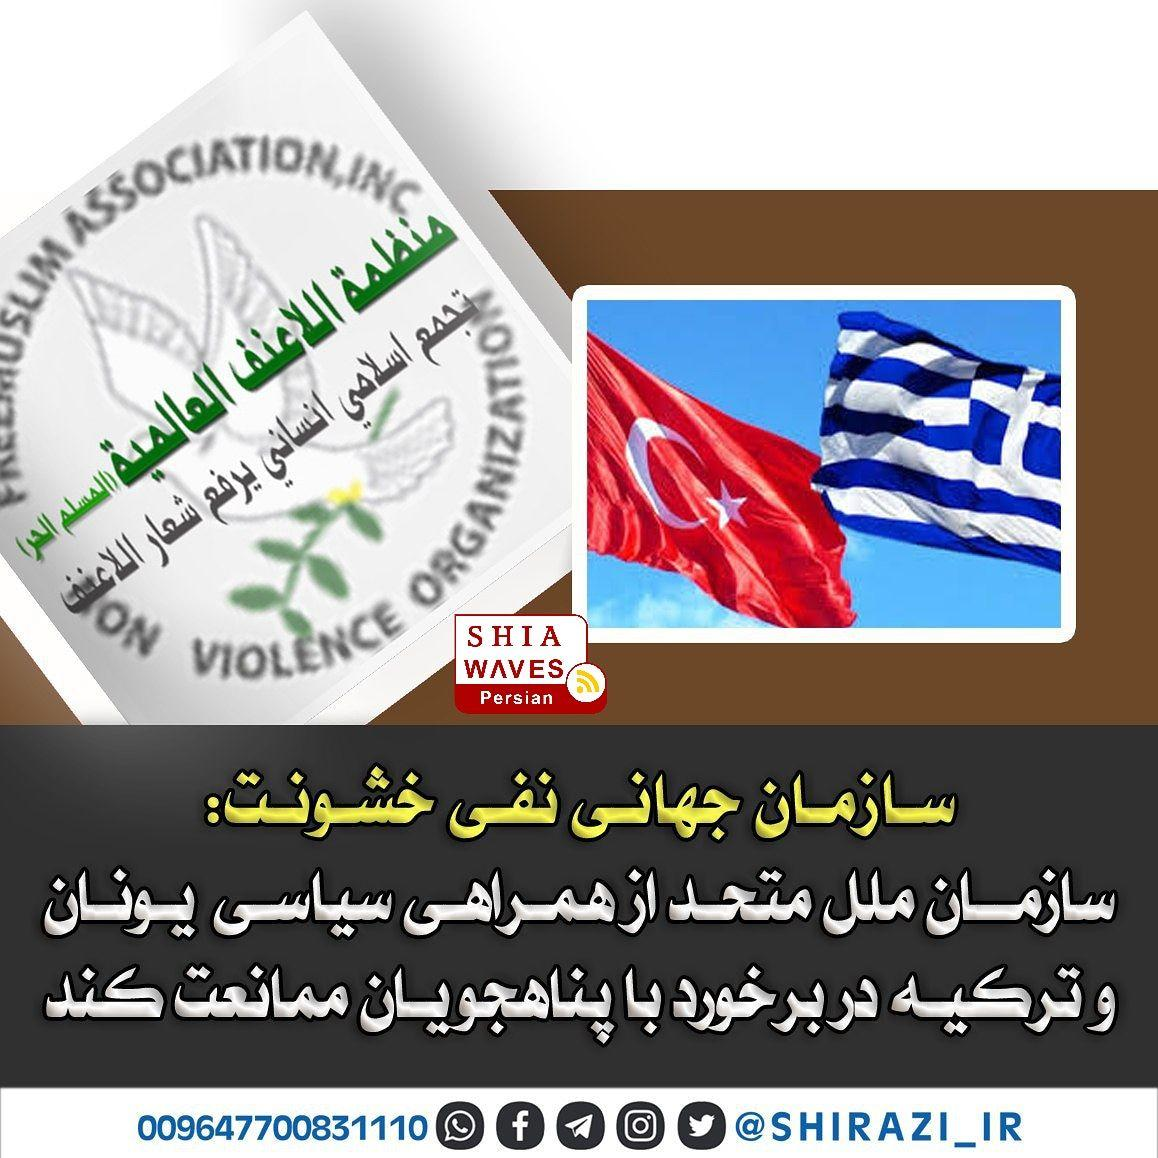 تصویر سازمان ملل متحد از همراهی سیاسی یونان و ترکیه در برخورد با پناهجویان ممانعت کند